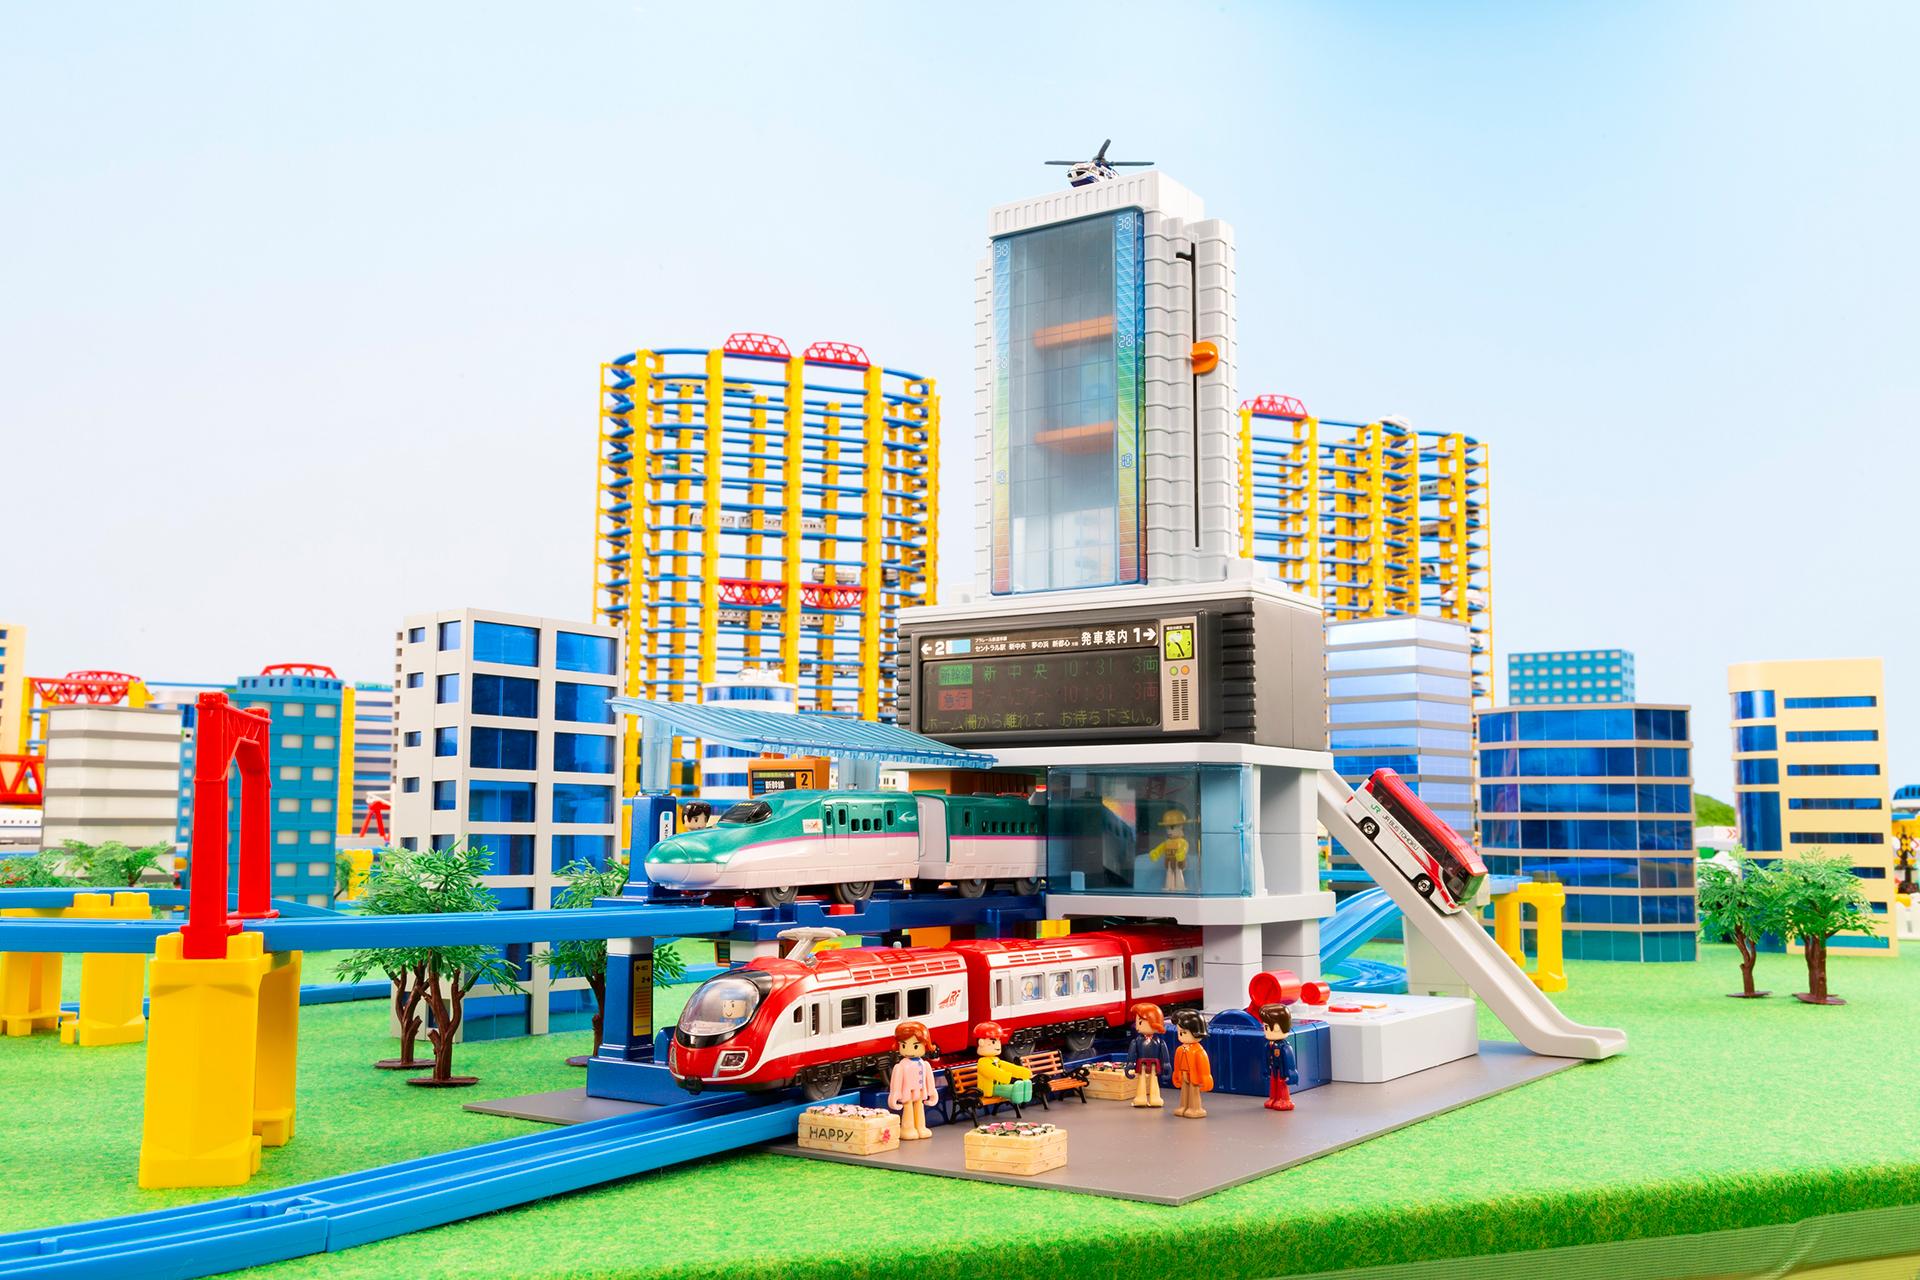 この写真は、プラレール60周年記念展に出展される、「プラレール鉄道」未来の駅舎ジオラマ全景です